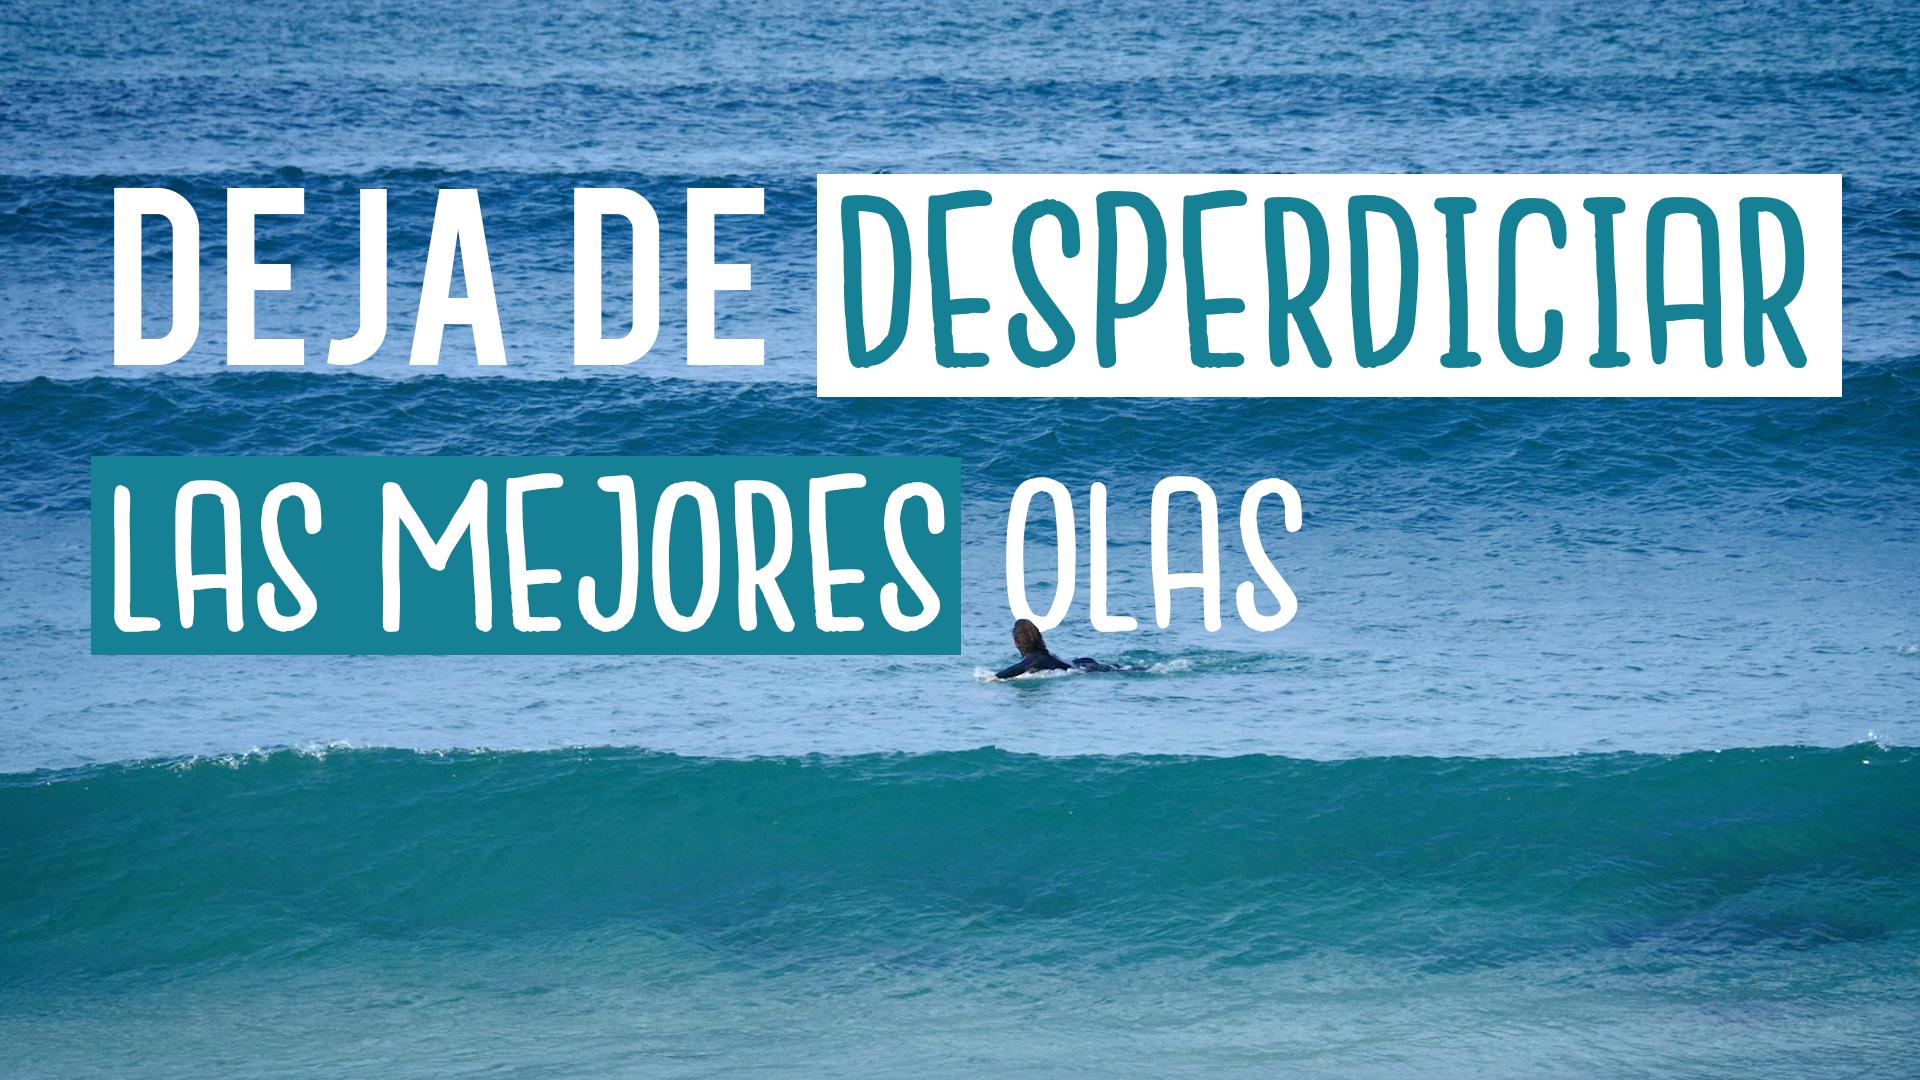 Ejercicios para mejorar tu surf ¡Deja de coger olas malas!